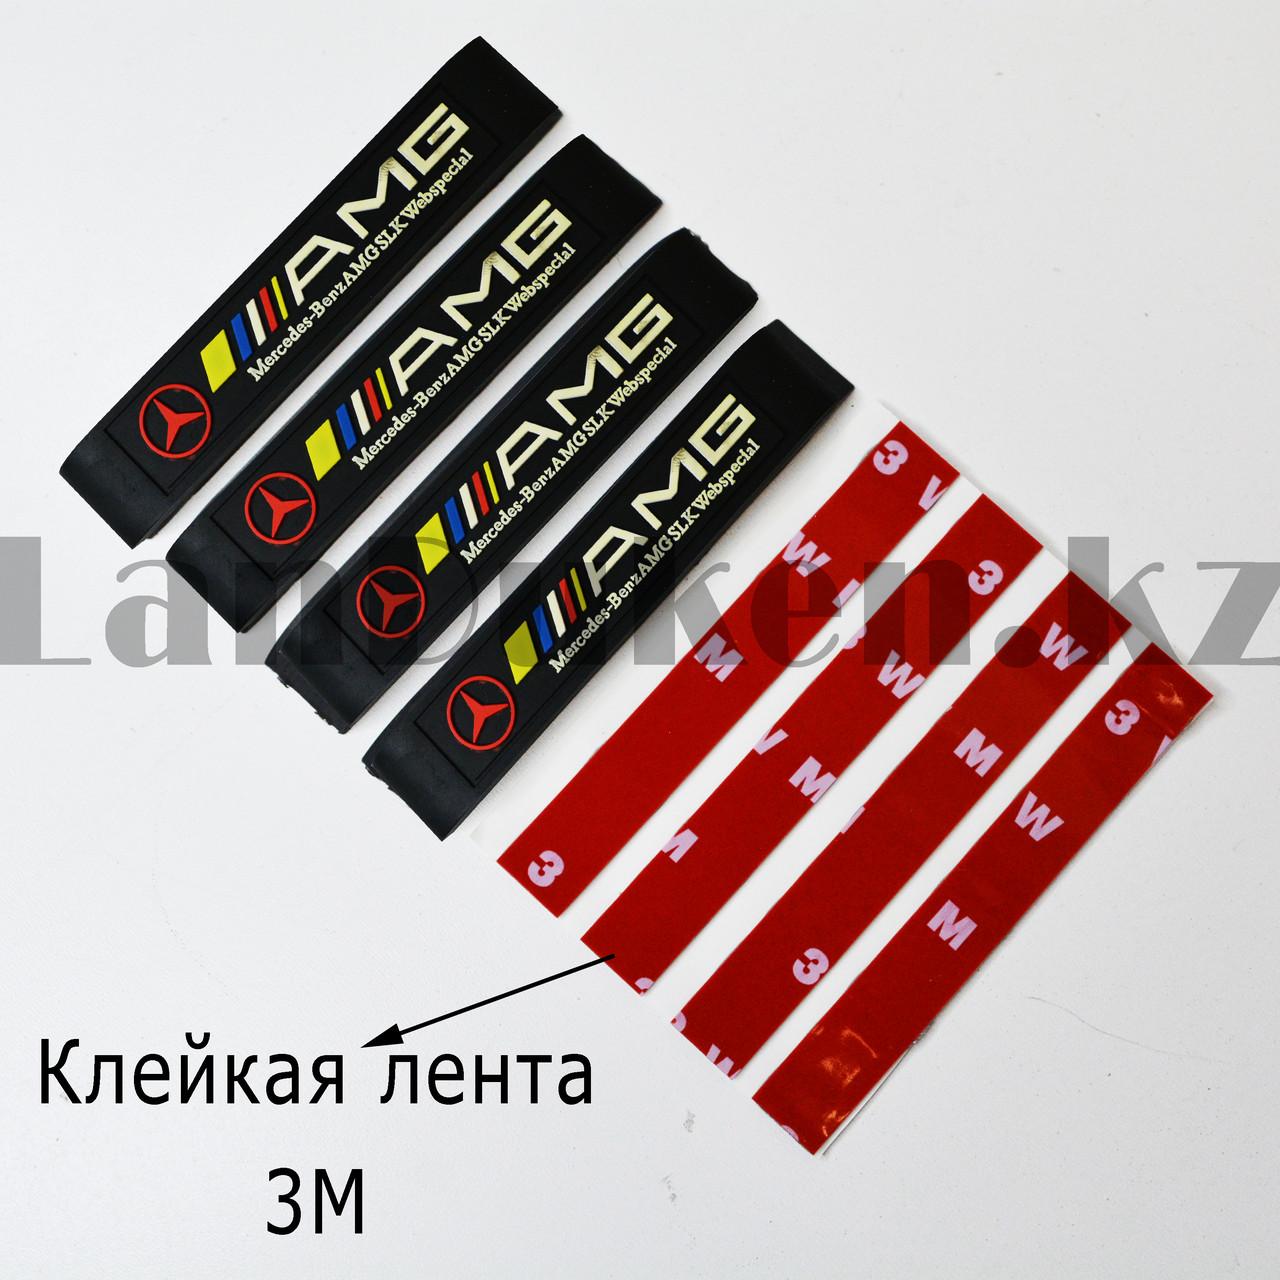 Накладки защитные на двери машины Fouring Black Label AMG - фото 7